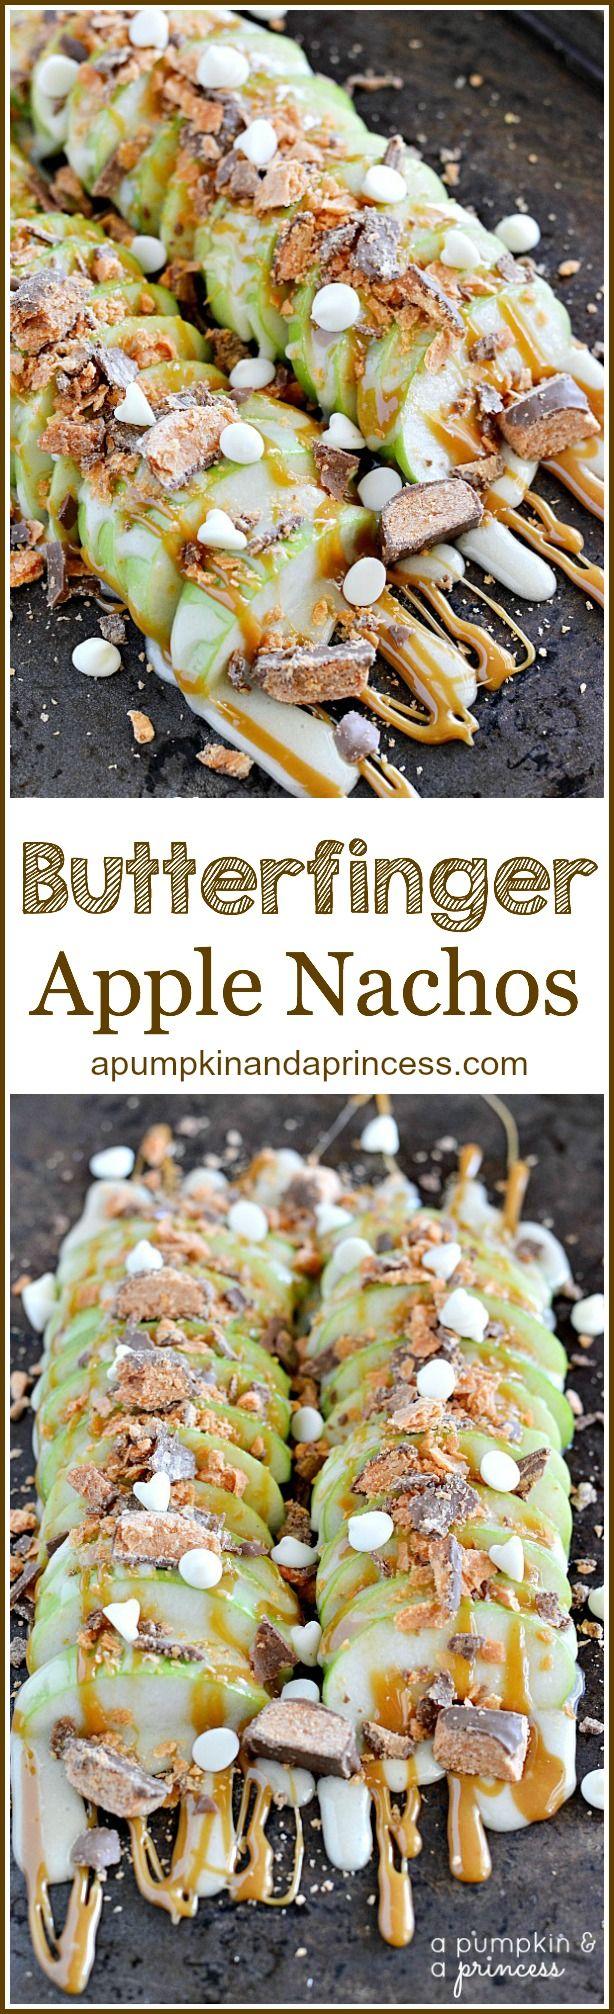 Butterfinger Apple Nachos - A Pumpkin And A Princess